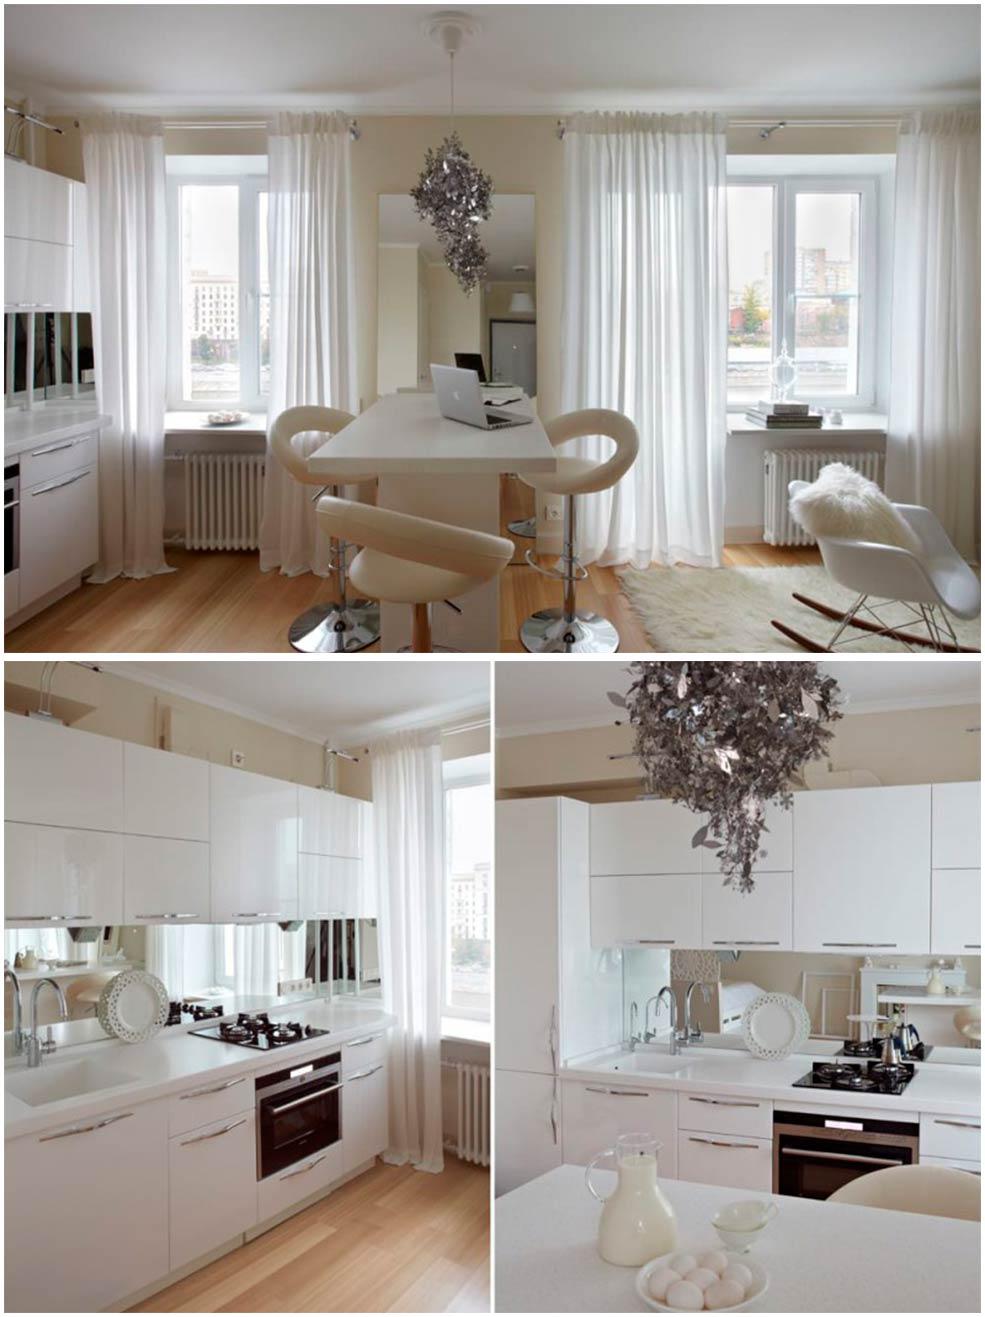 Зеркало-в-интерьере-маленькой-кухни-гостиной